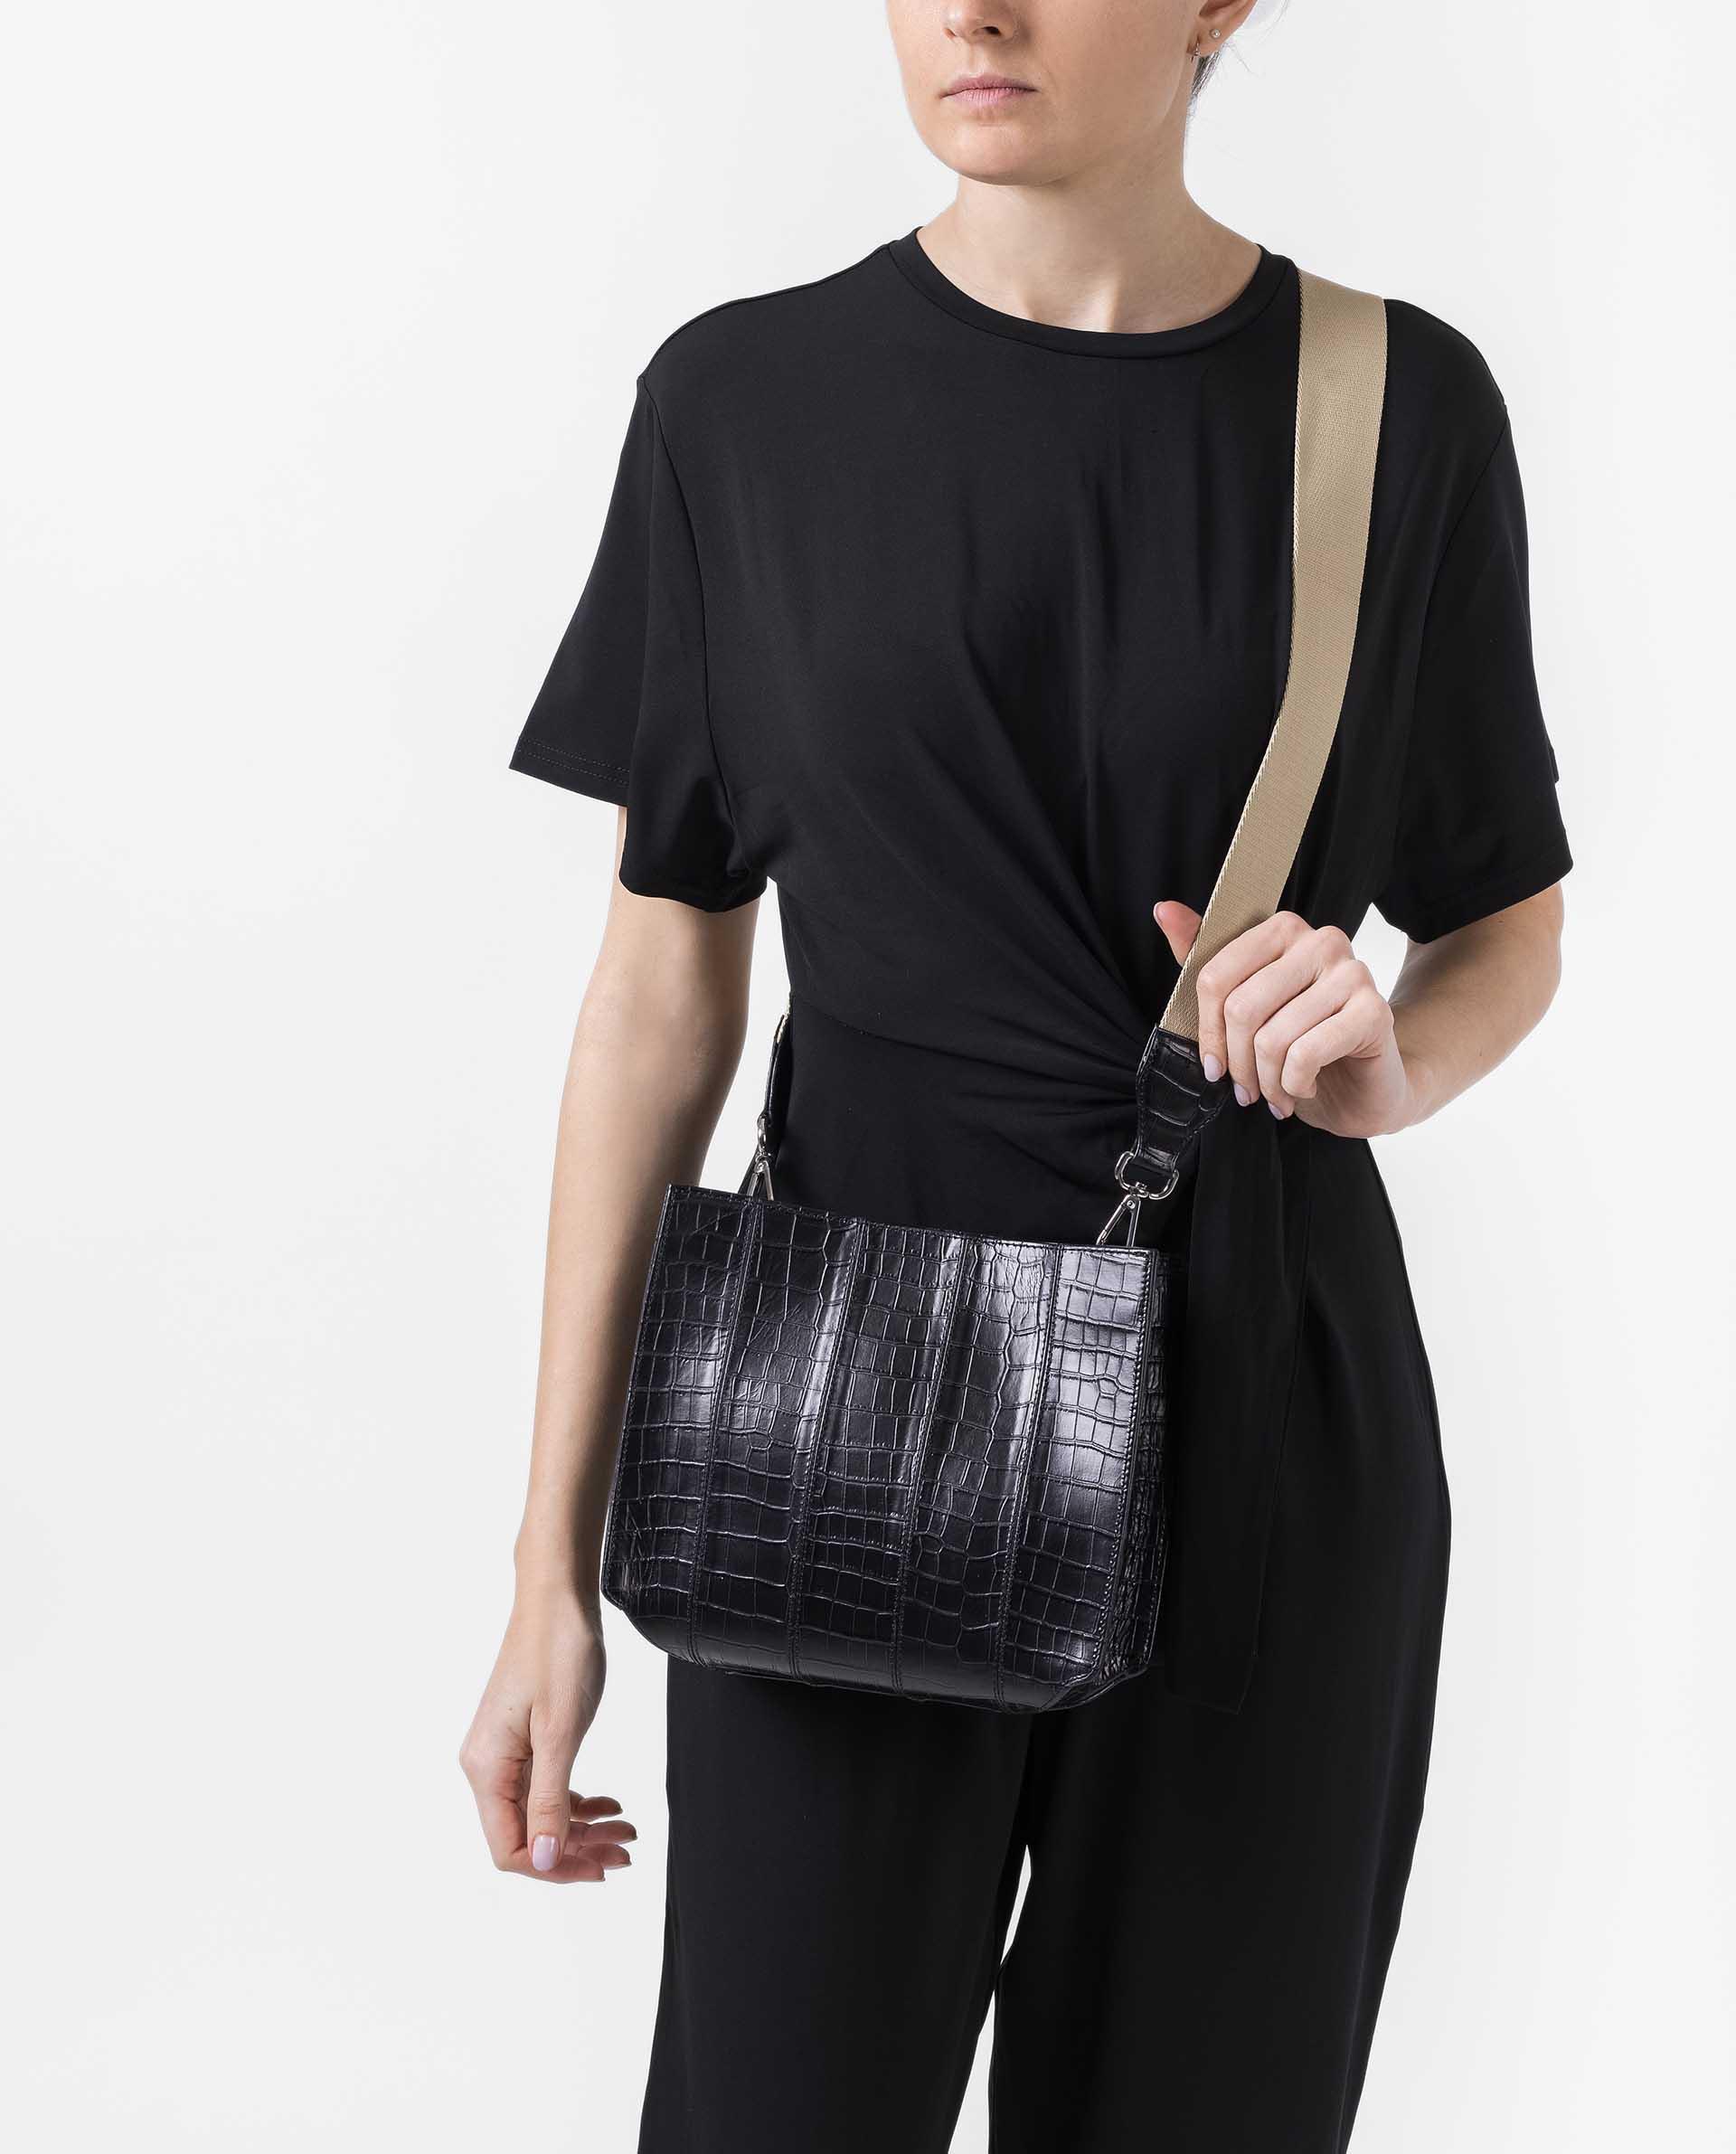 UNISA Square handbag ZKAIA_LAU 4